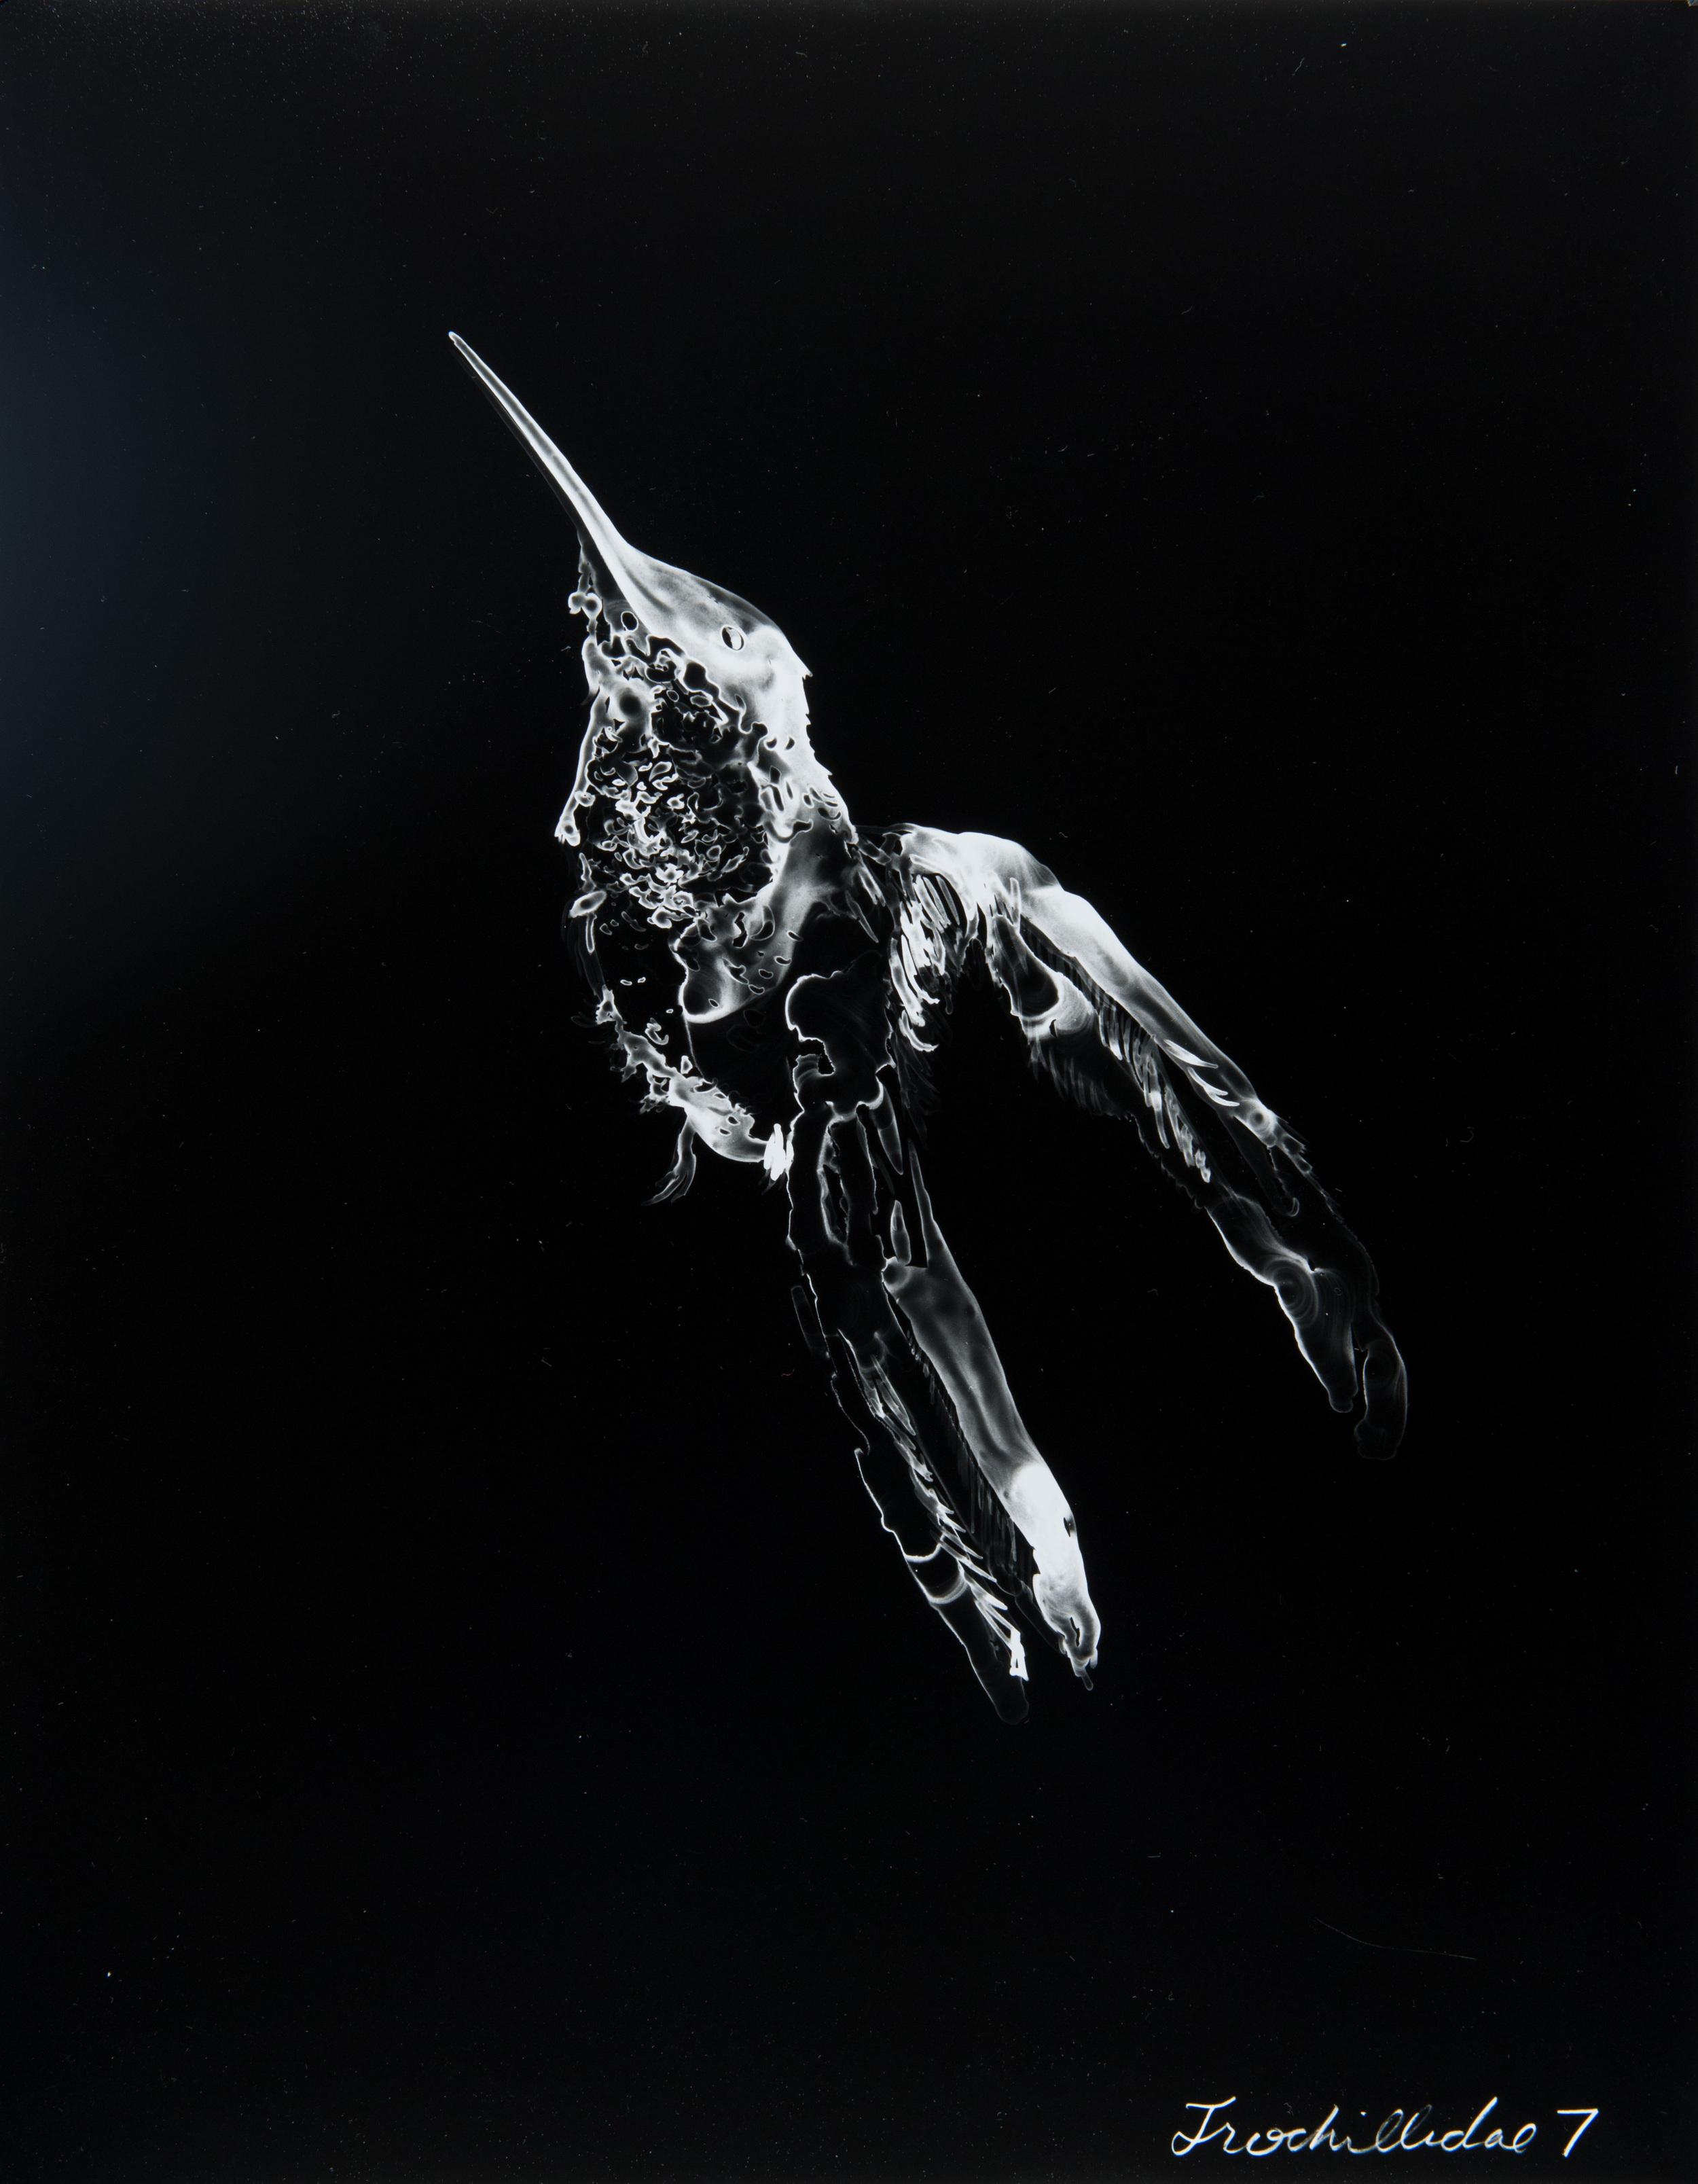 Trochillidae 7  2013 Cliché-verre print, 14 x 11 inches